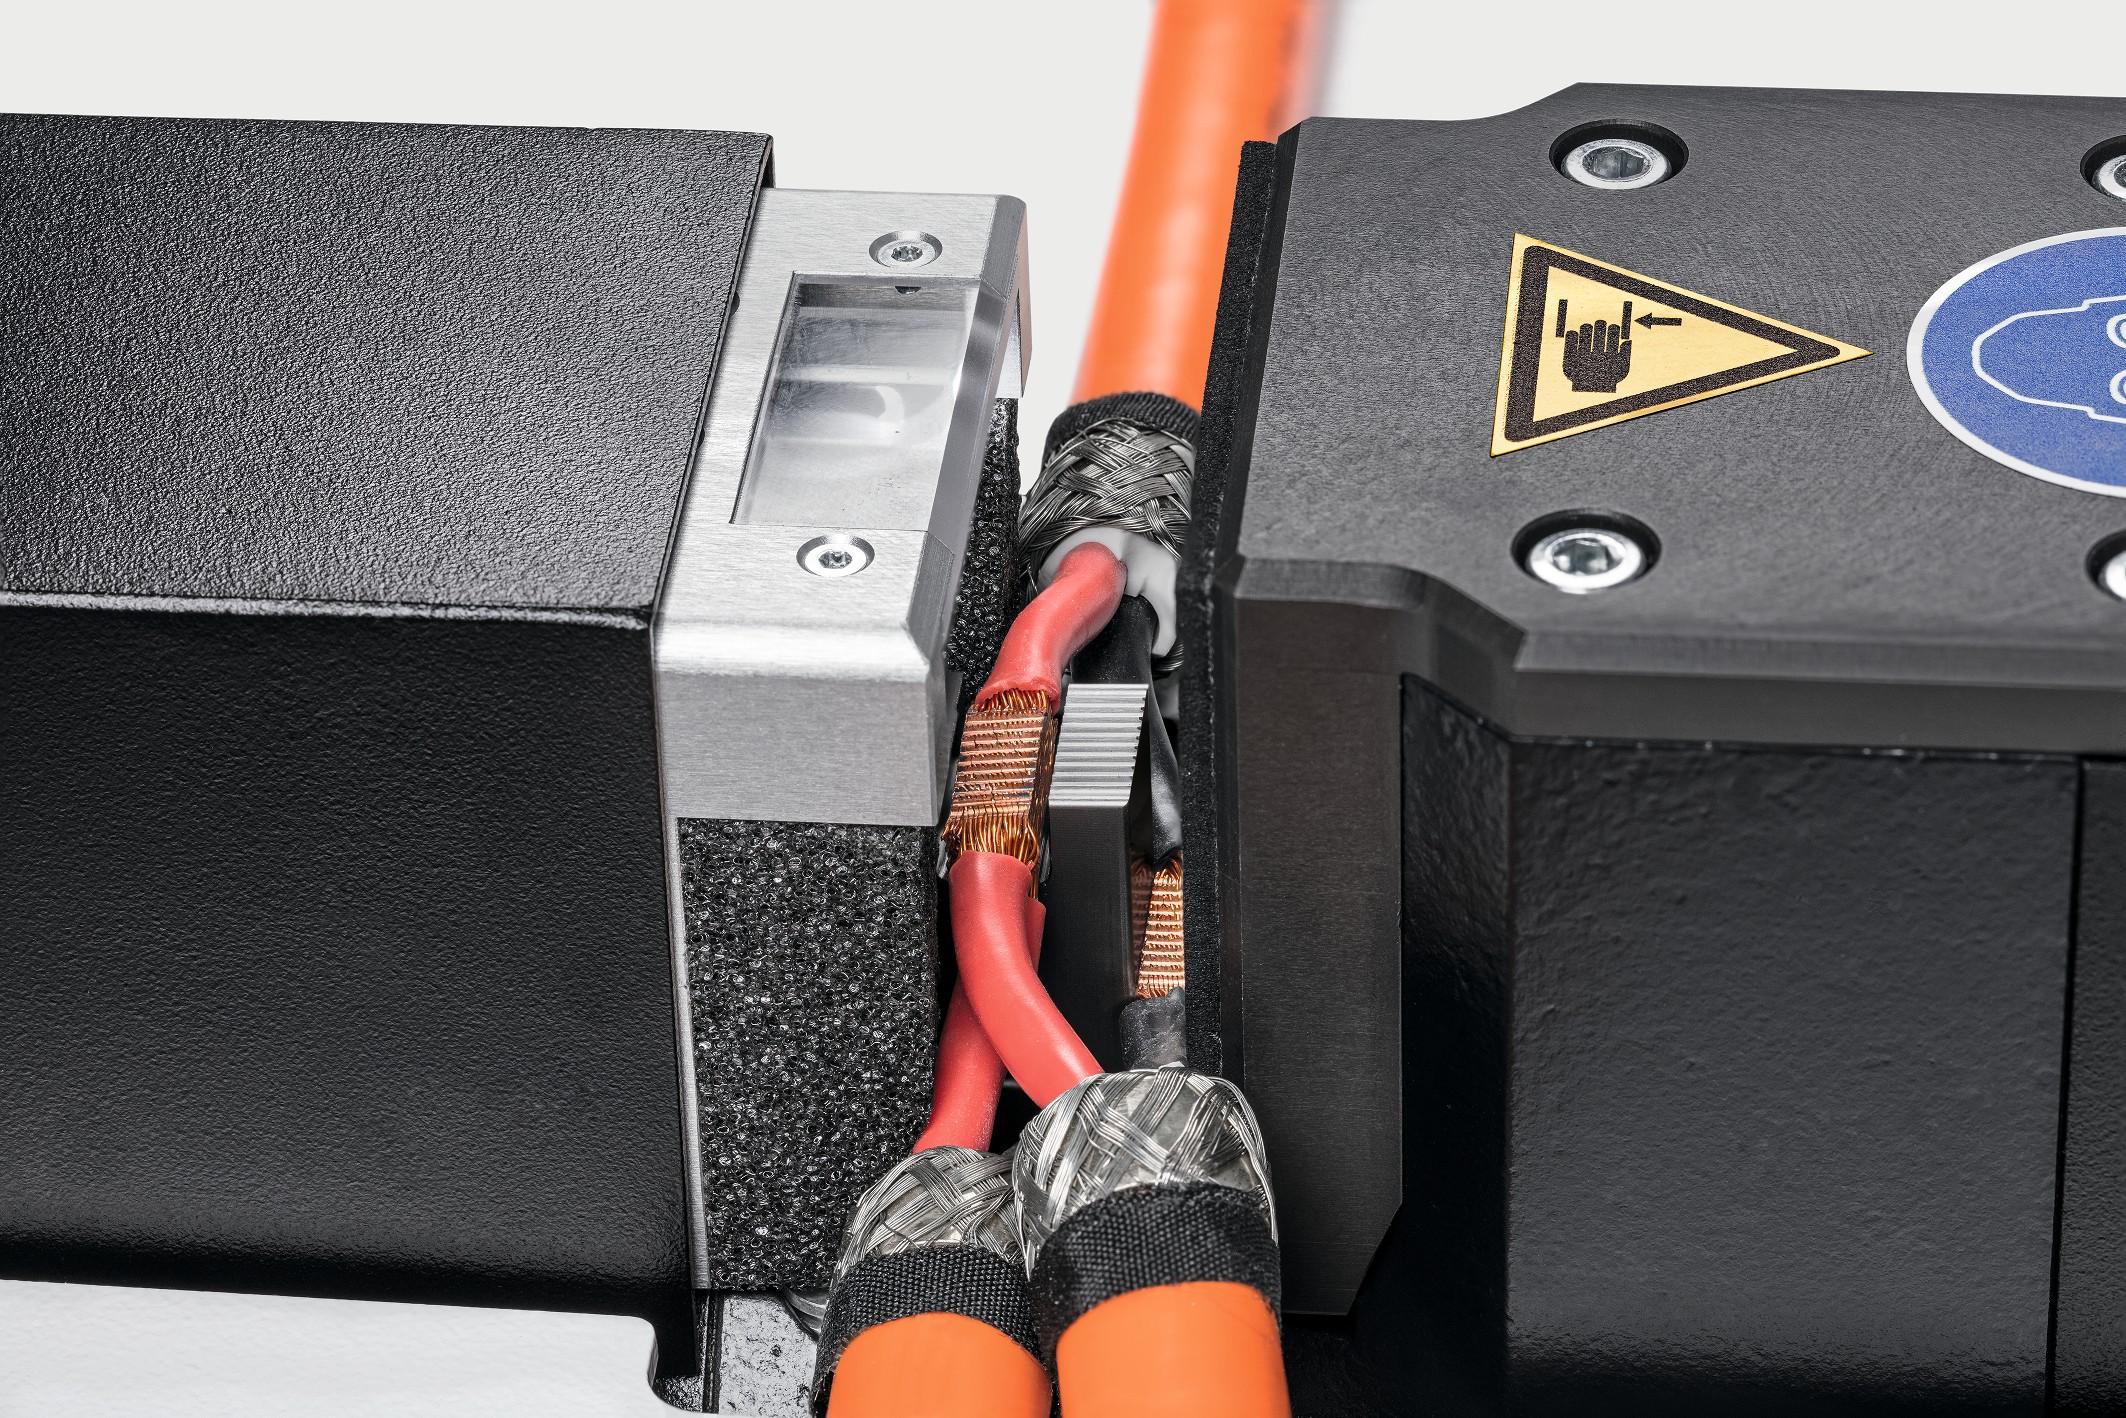 Beim Ultraschallschweißen entstehen hochfeste Verbindungen mit sehr guter elektrischer Leitfähigkeit. Bild: Telsonic